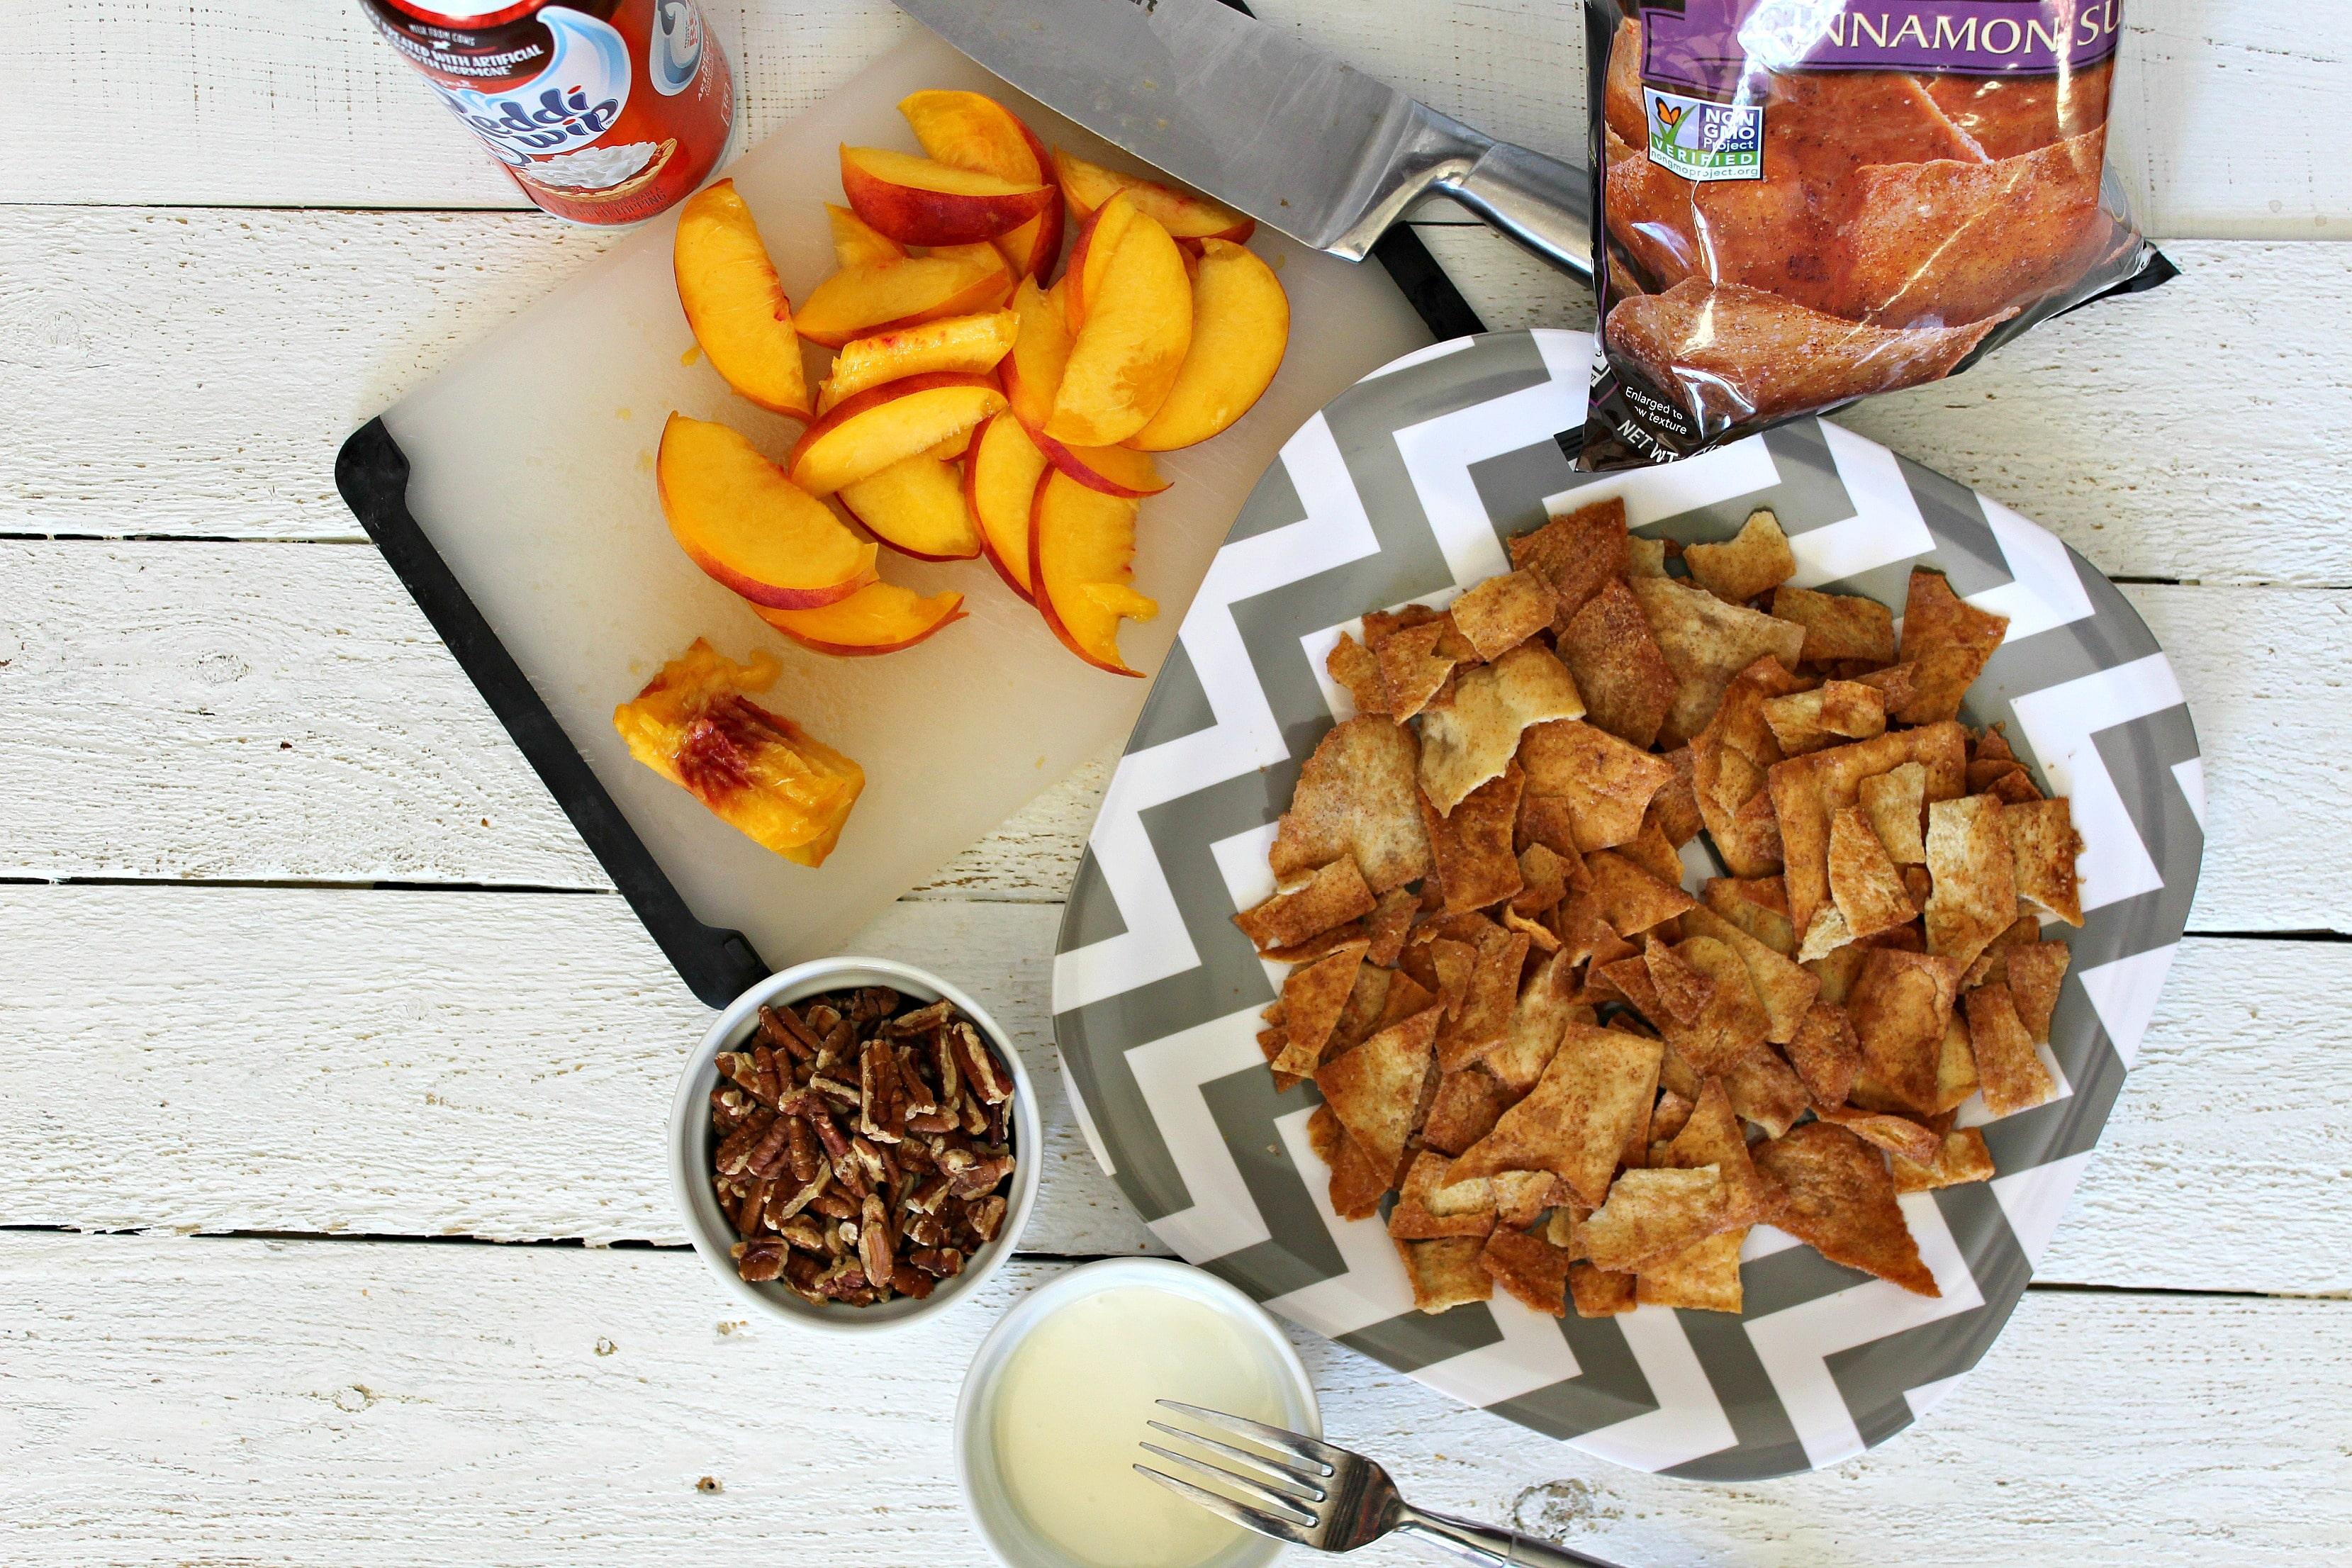 Peaches & Cream Dessert Nachos | Fruity Dessert Nachos | 5 Ingredient Dessert | Food Made Simple | Dessert on the Go | Tailgating Dessert | Family Fun in the Kitchen | Easy Dessert | Summer Dessert Recipe